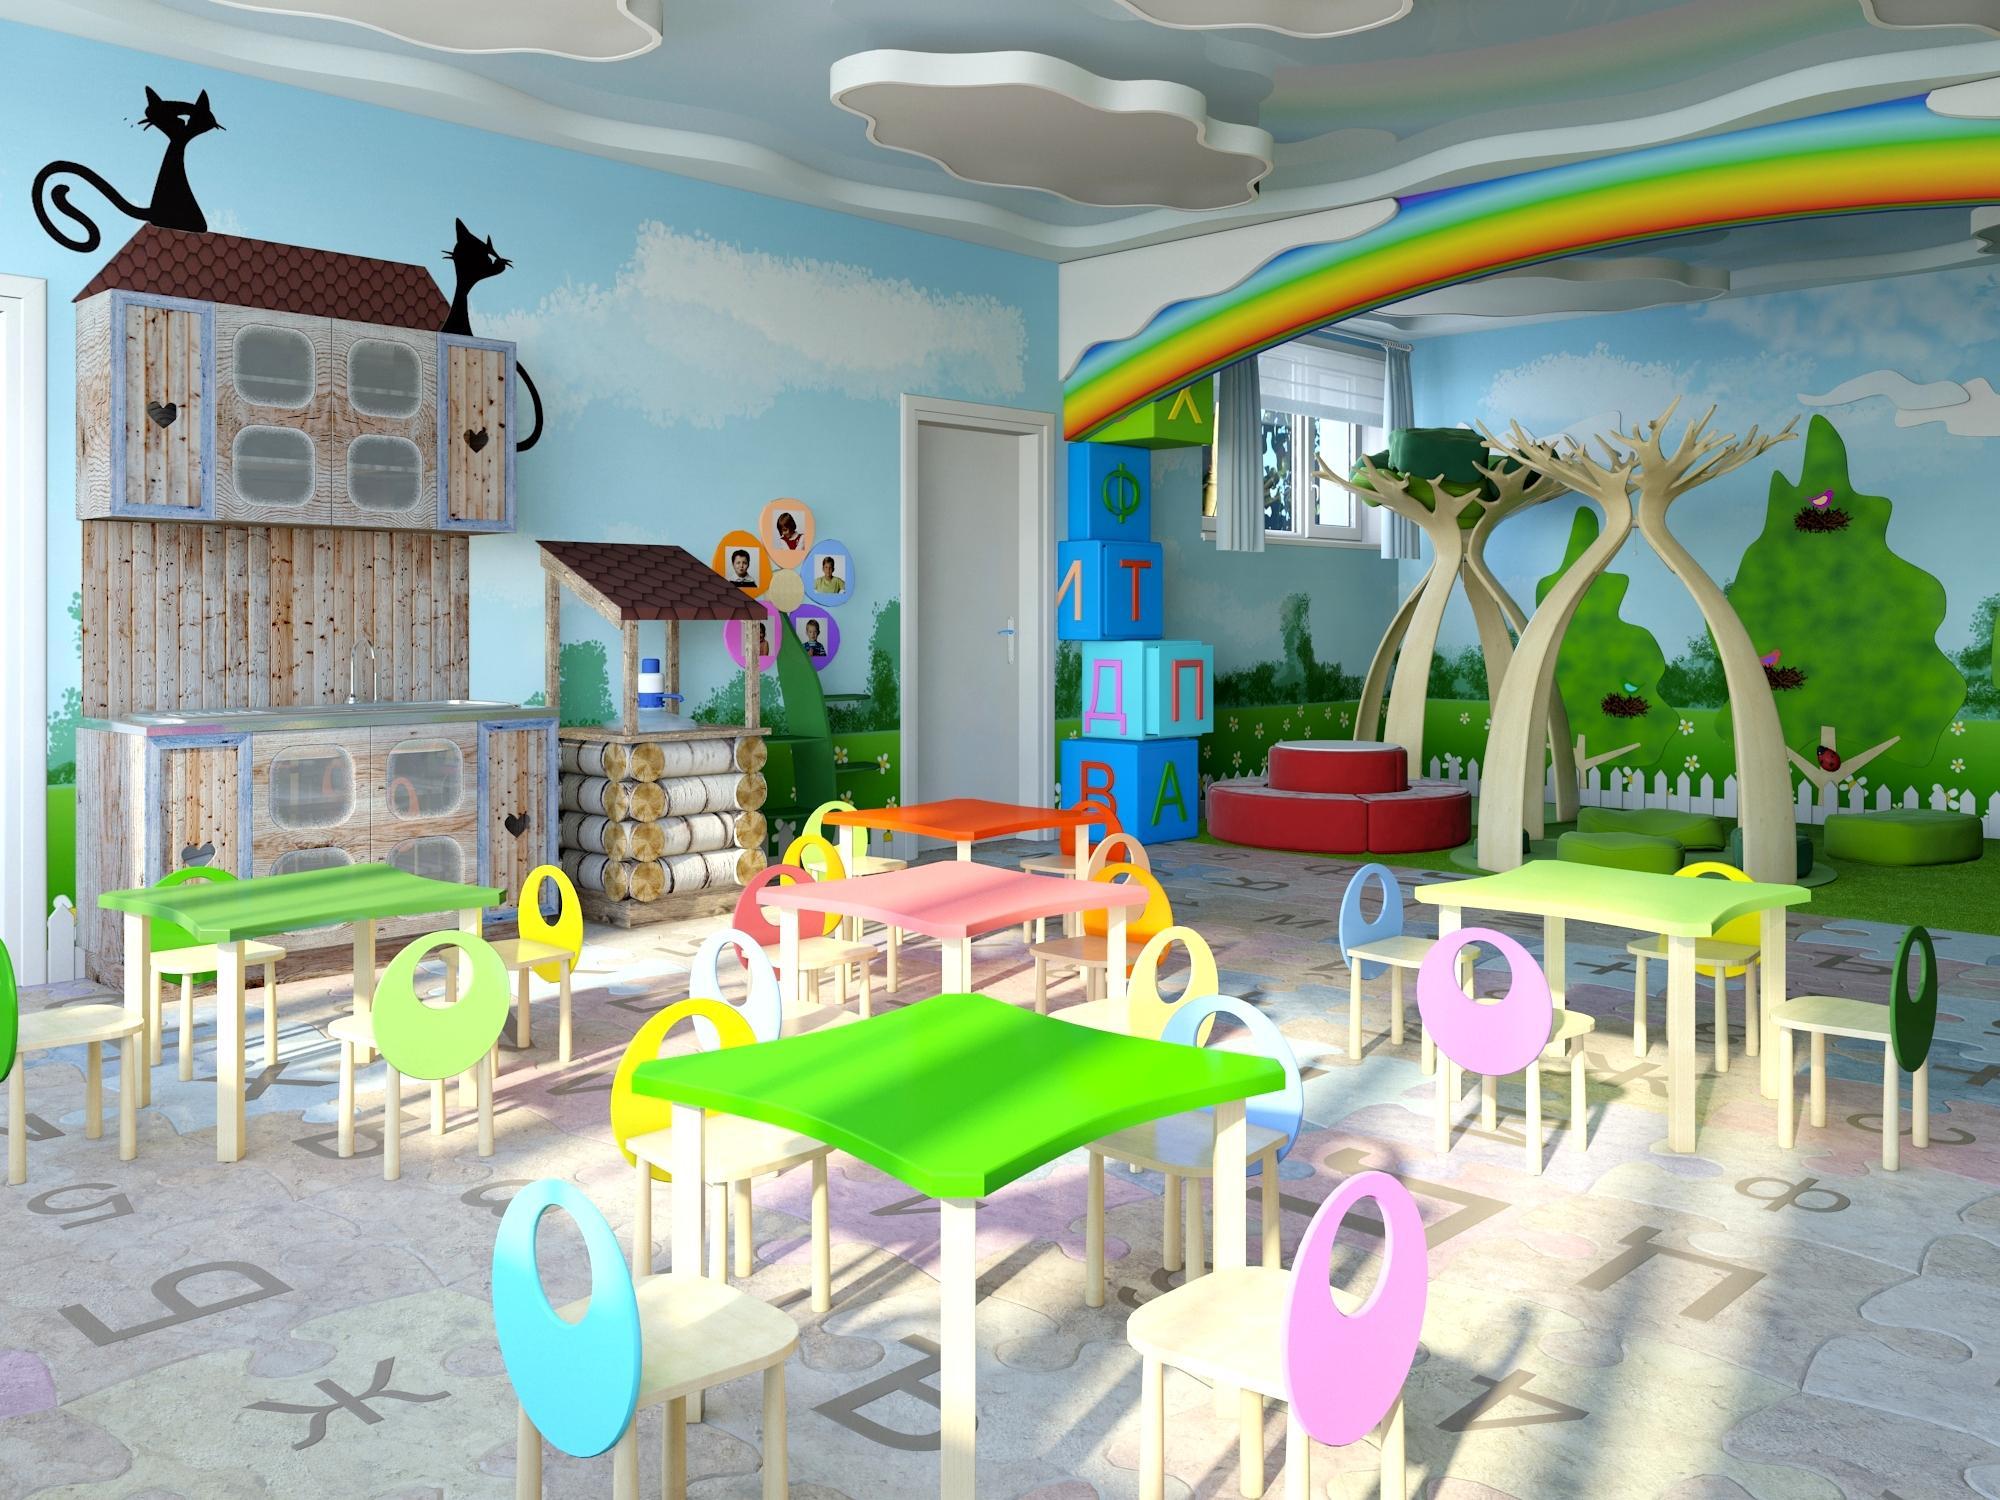 Дизайн интерьера в детском саду